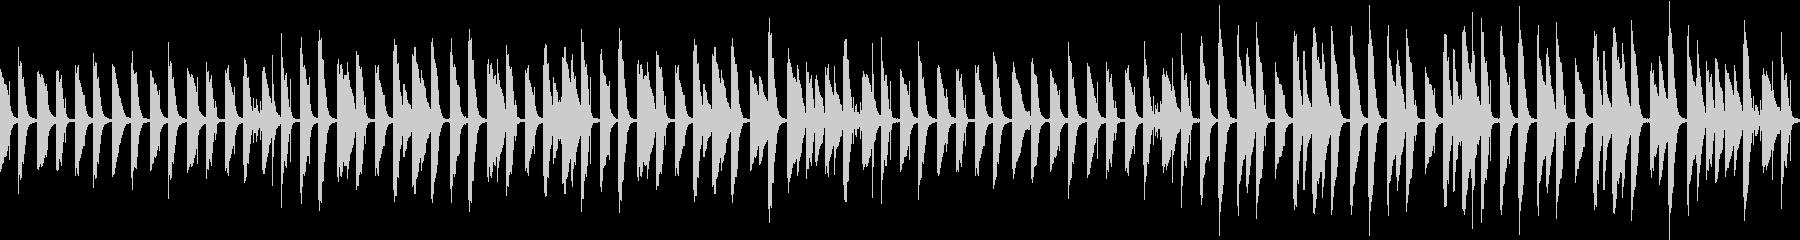 ゆるいピアノのほのぼのBGM(ループ)の未再生の波形